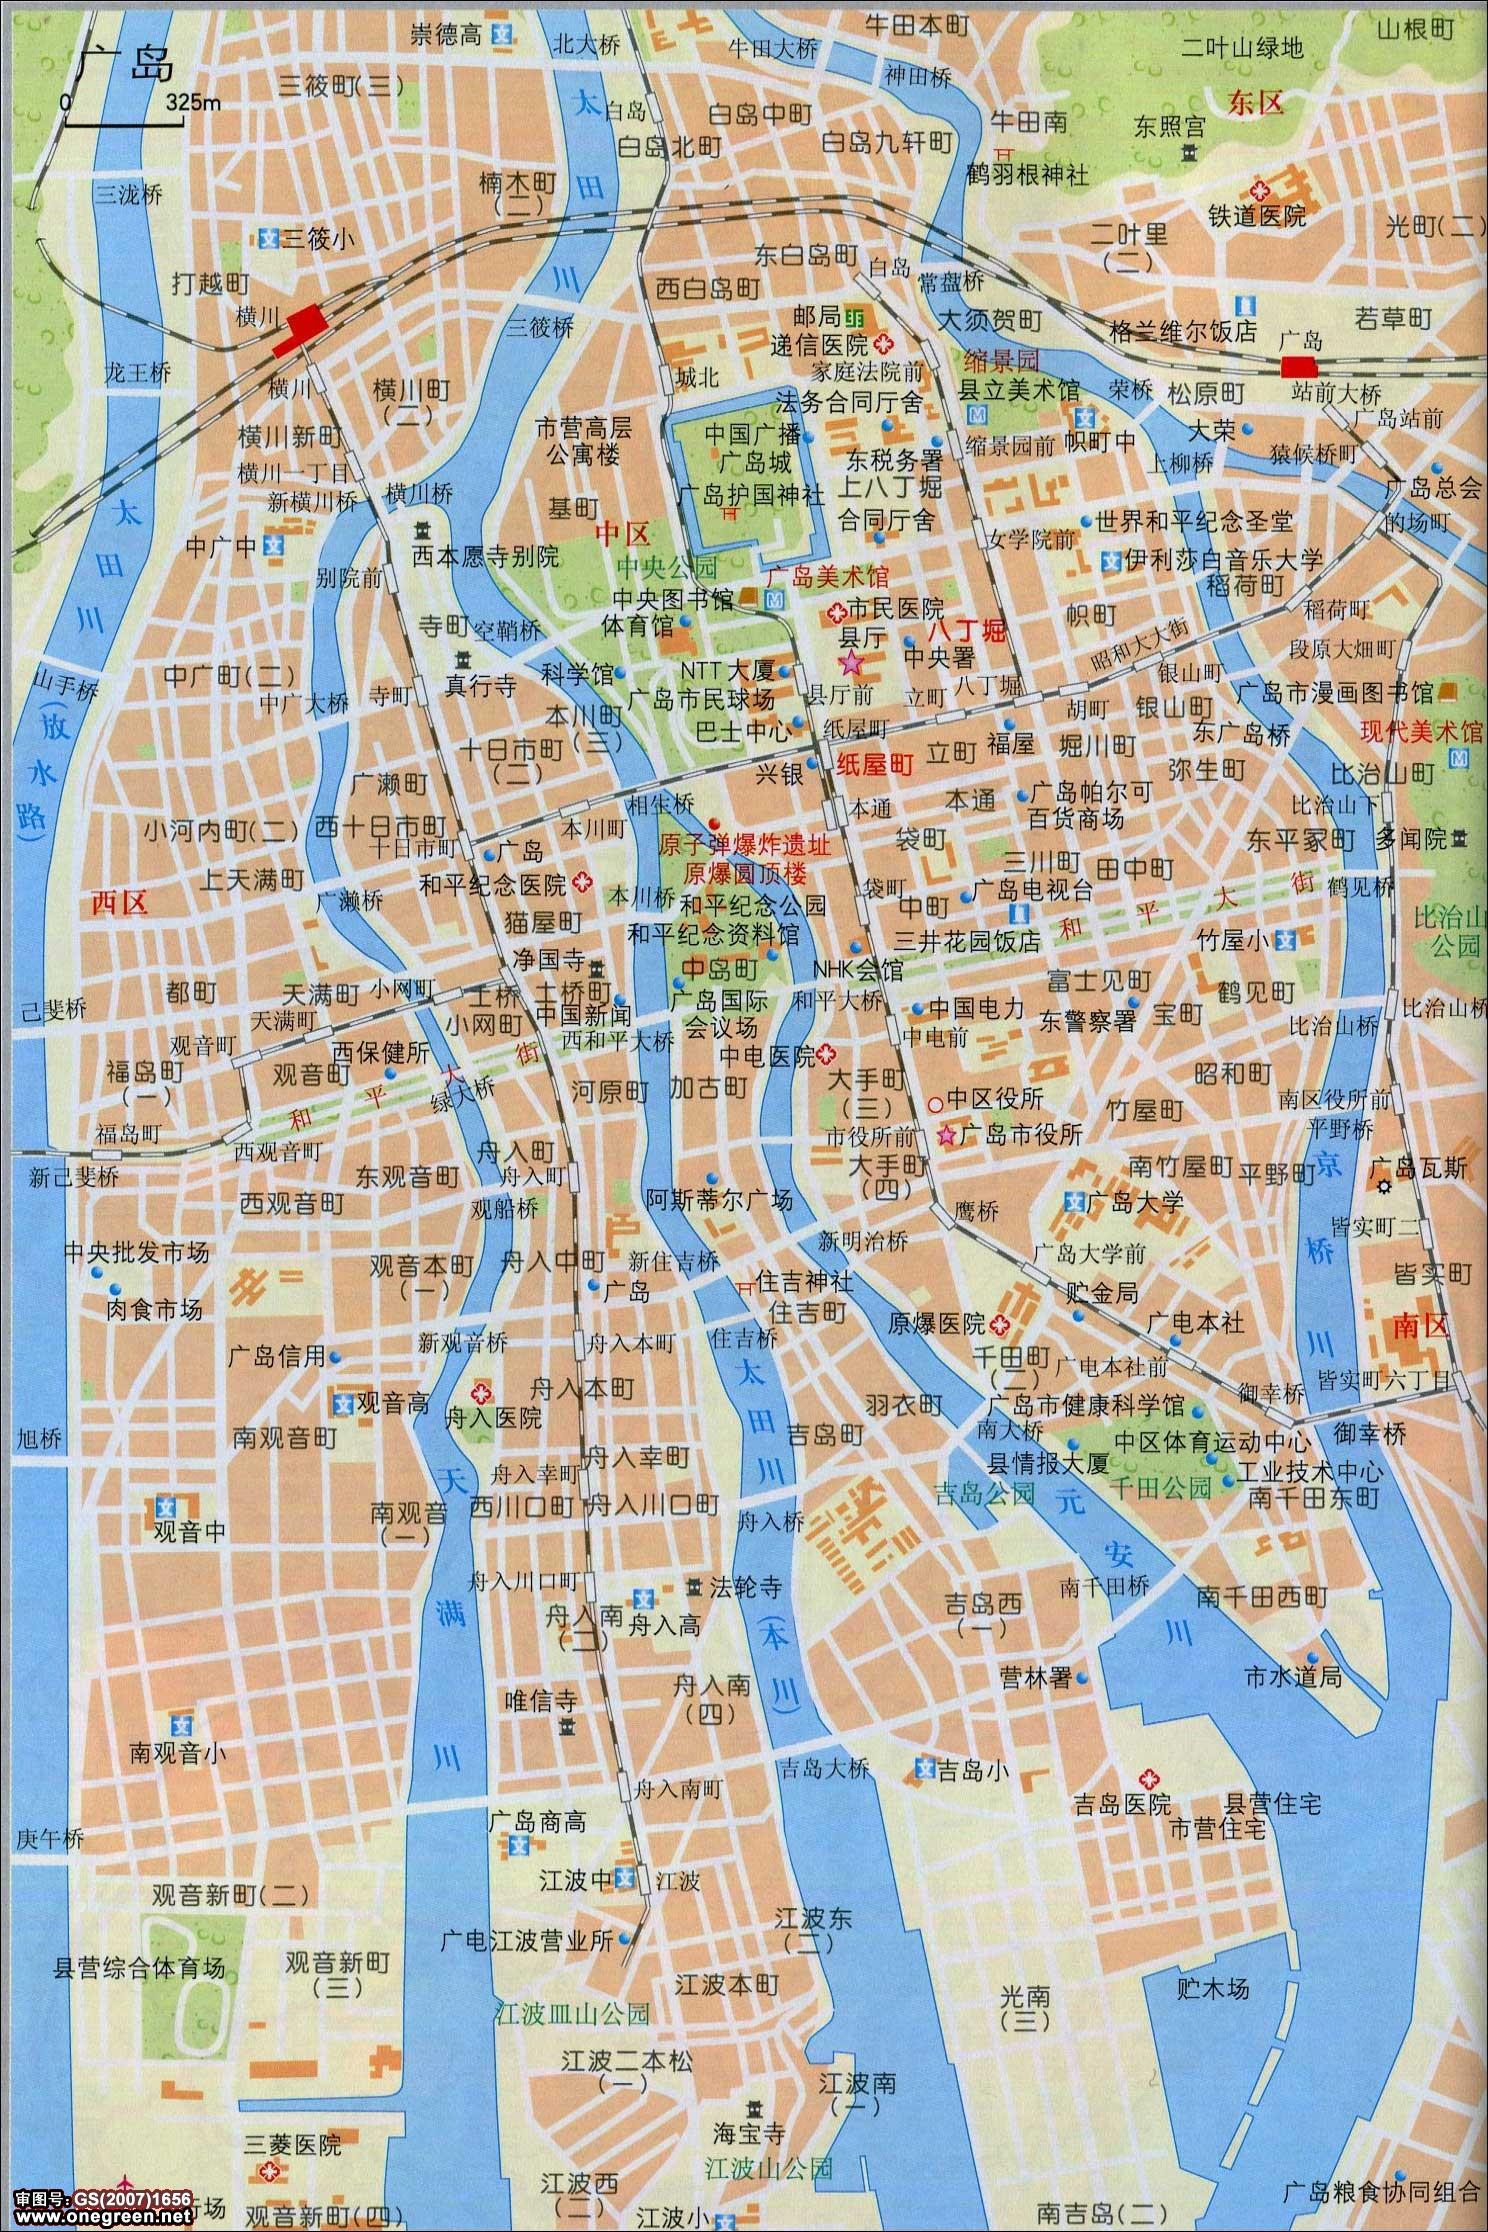 哈萨克斯坦中文地图_广岛地图_日本地图库_地图窝